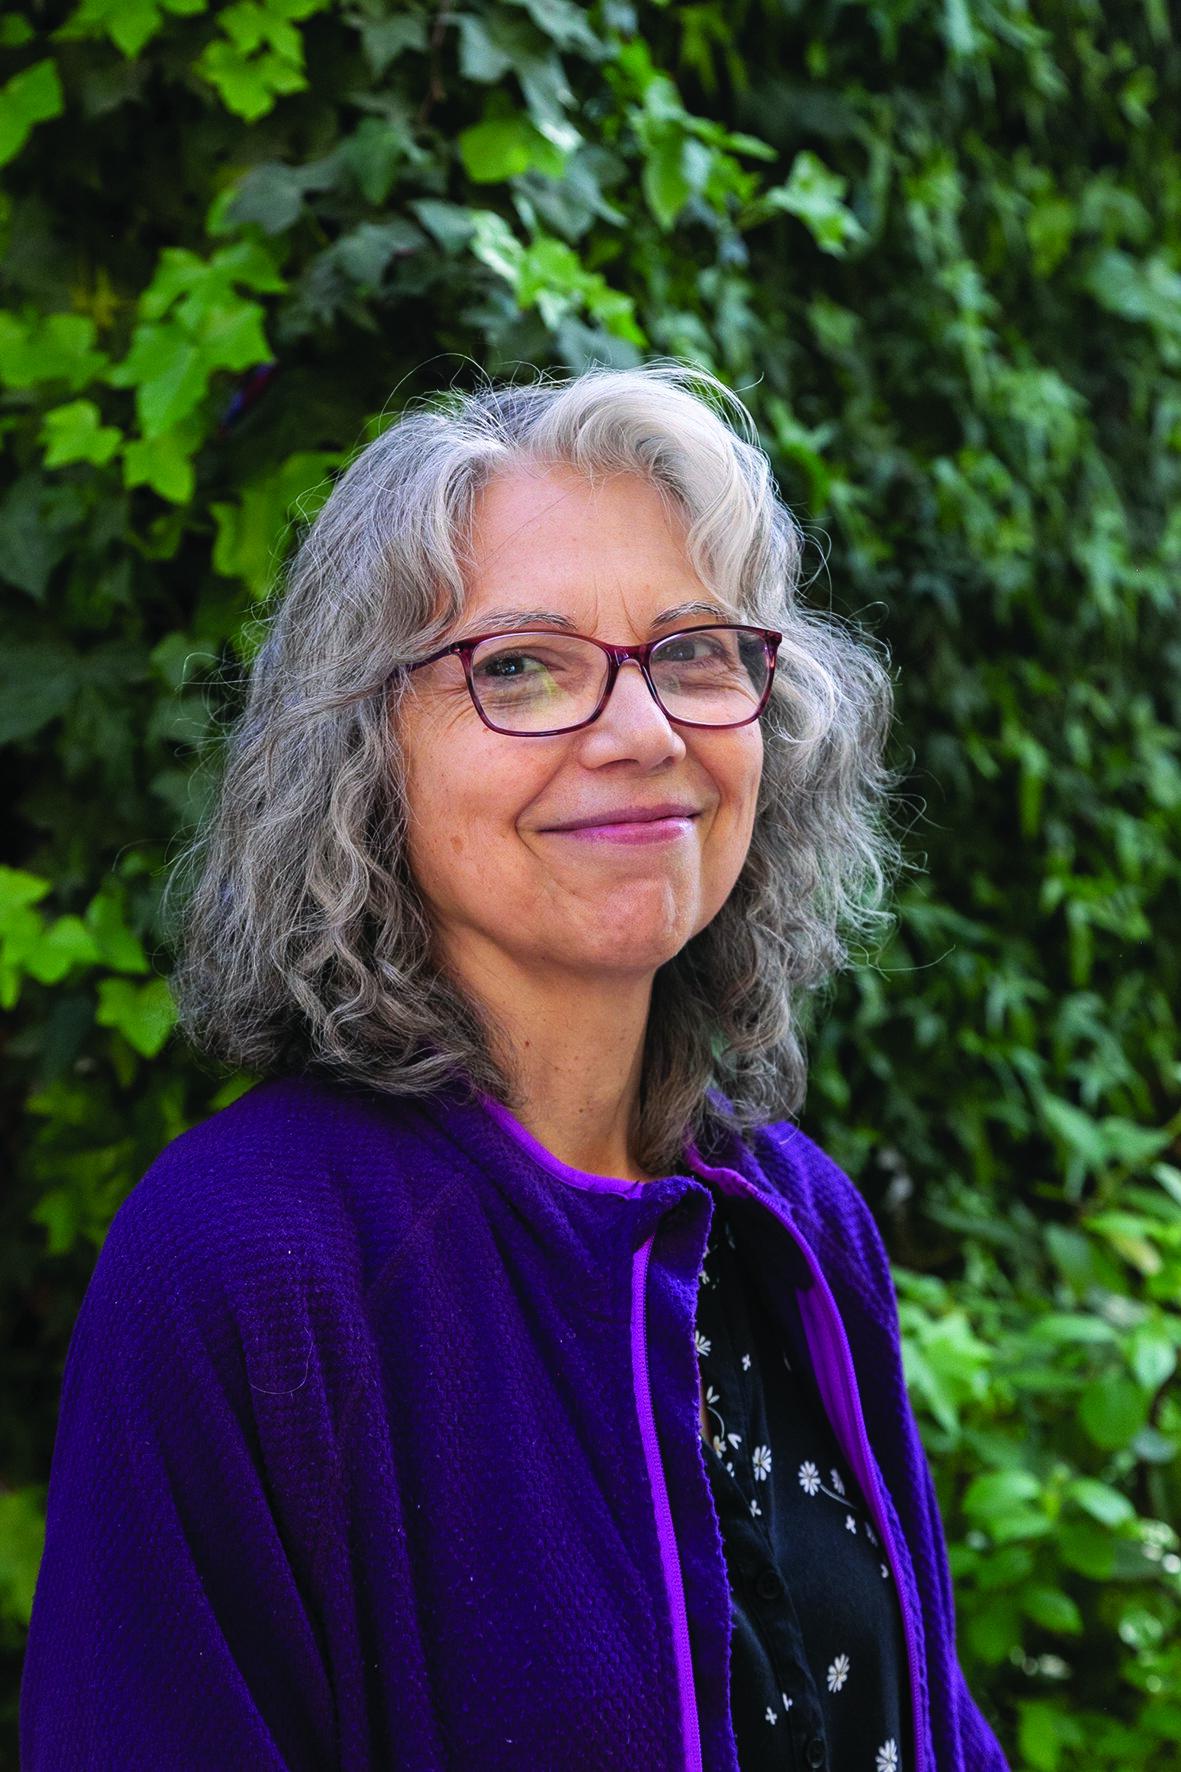 Raquel Carreño